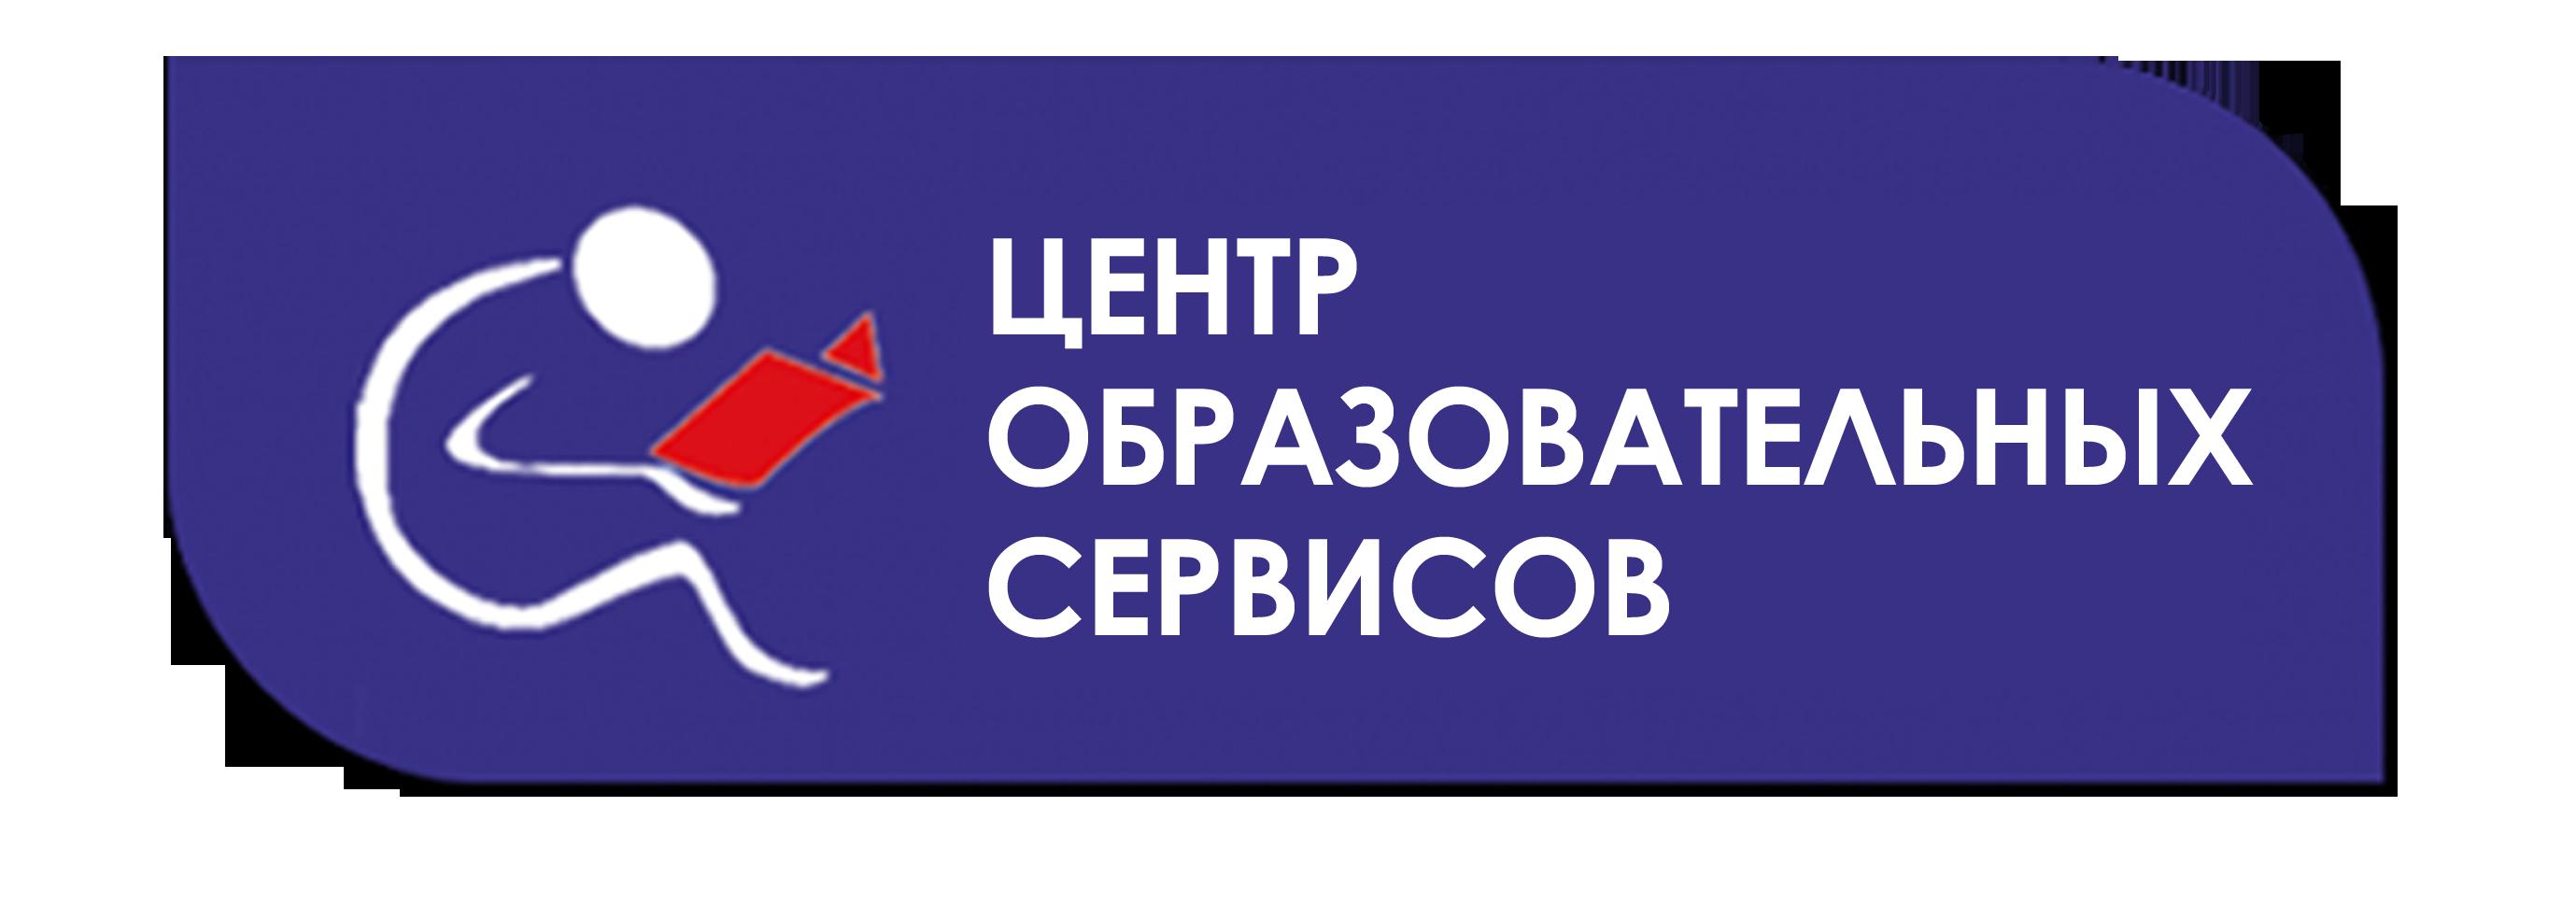 Заказ реферата в красноярске 7525